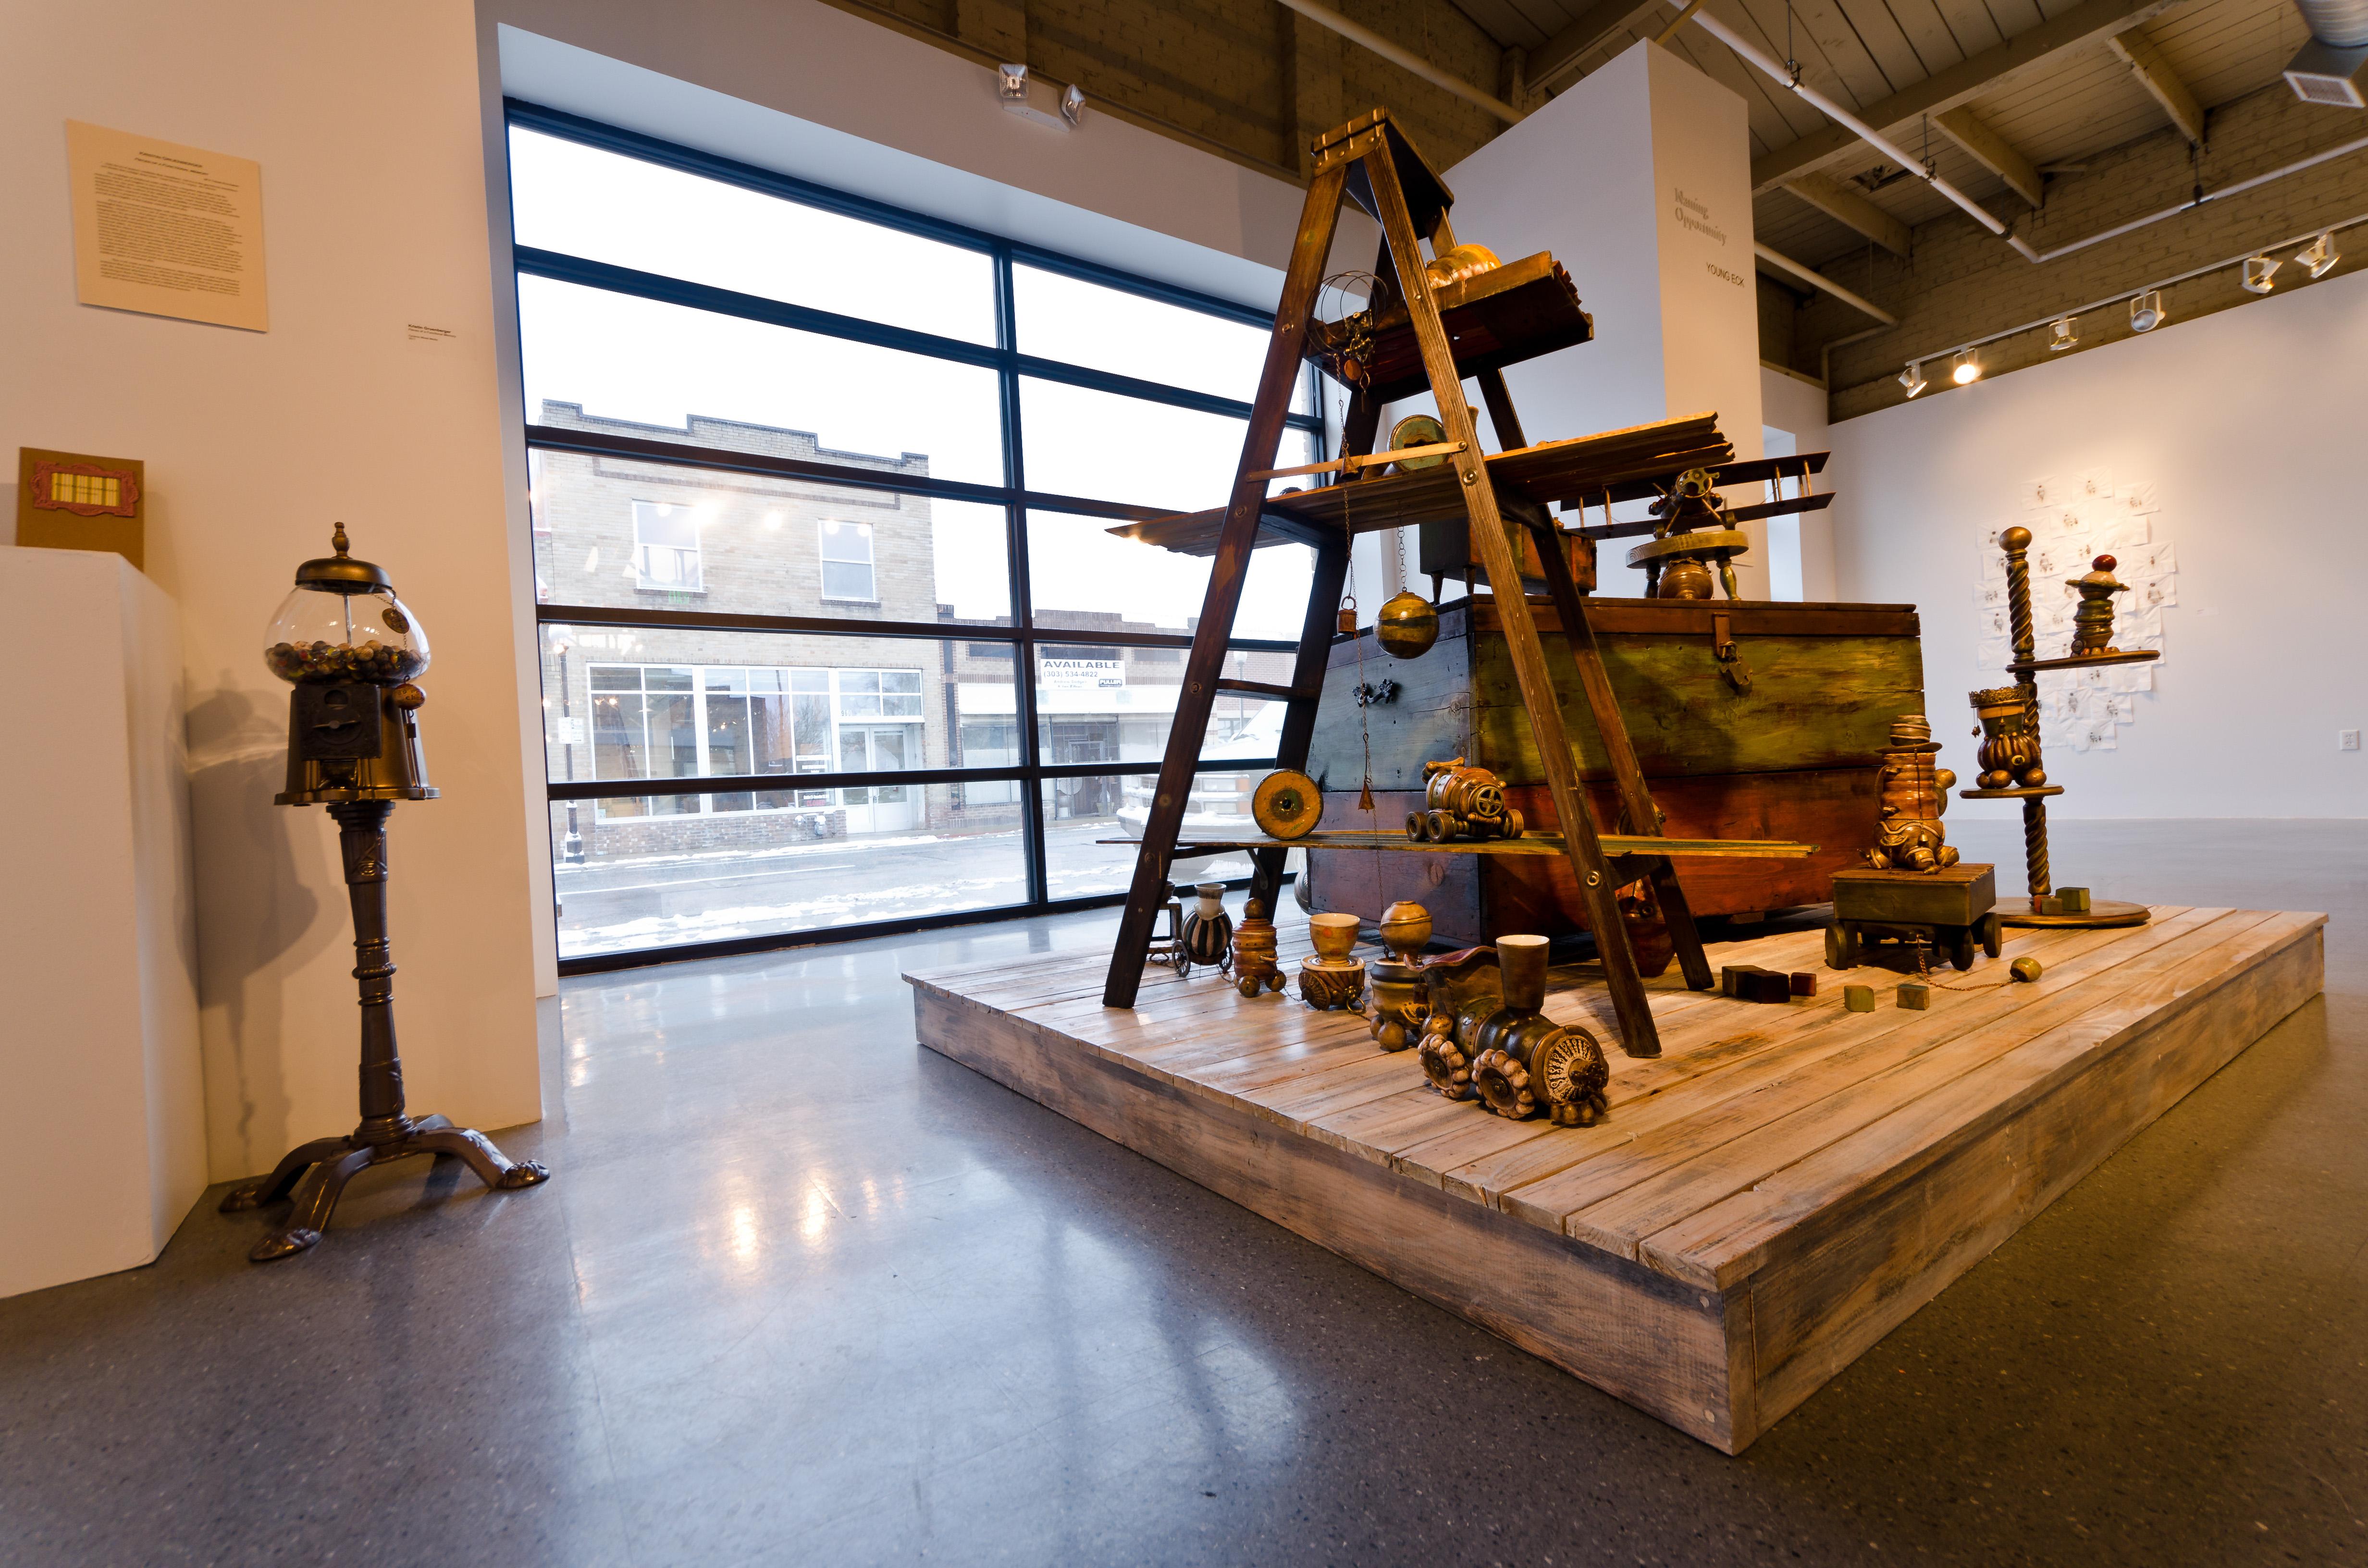 Toys (gallery install, CVA)